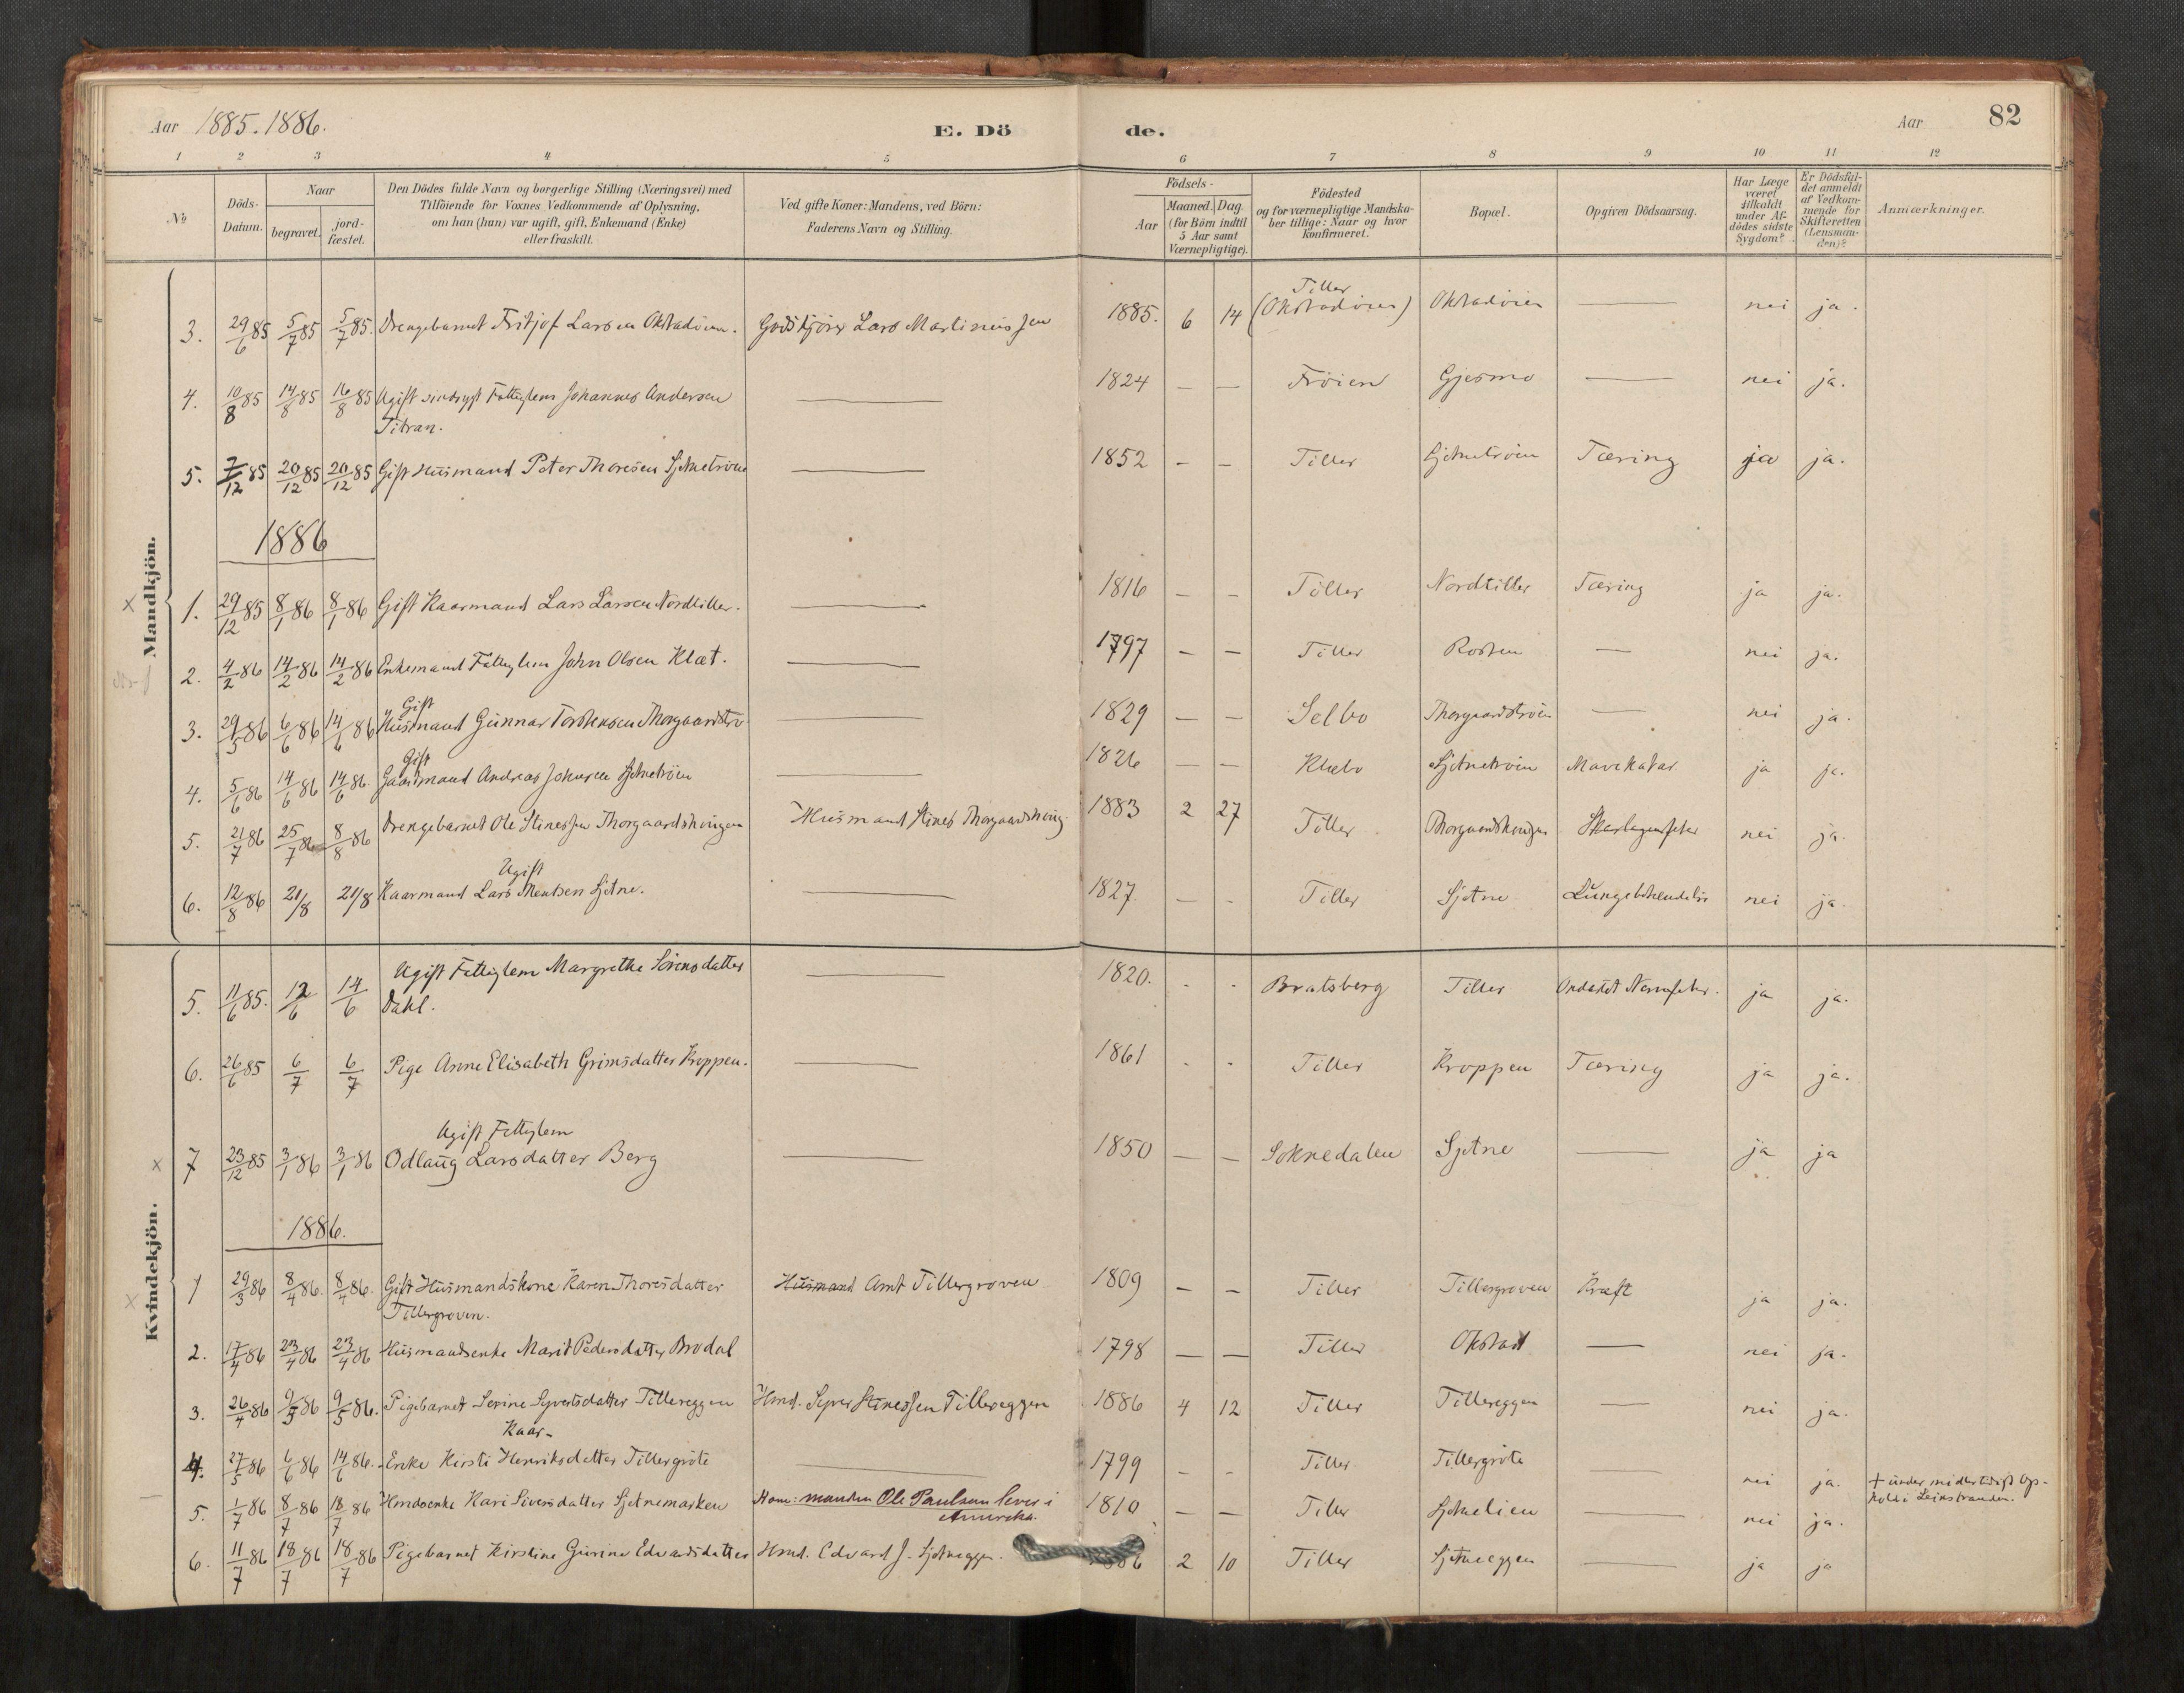 SAT, Klæbu sokneprestkontor, Parish register (official) no. 1, 1880-1900, p. 82